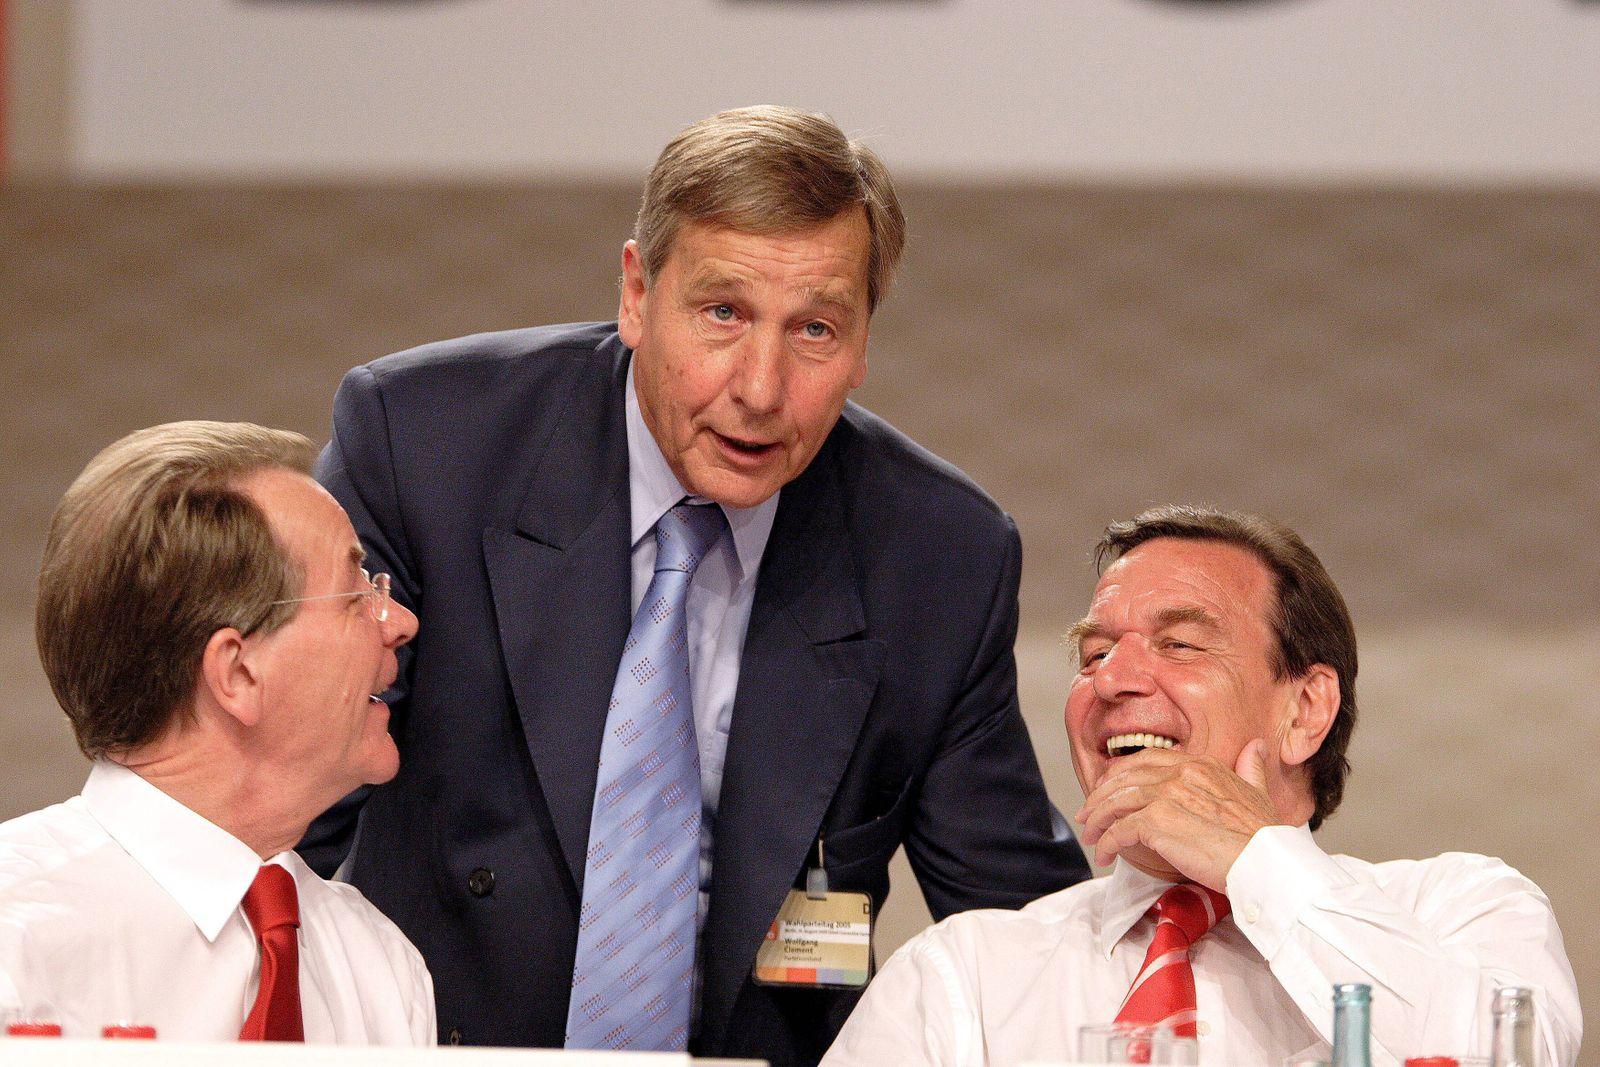 Gerhard Schröder (re., GER/SPD/Bundeskanzler) im Gespräch mit Franz Müntefering (li., GER/SPD-Bundesvorsitzender) und W